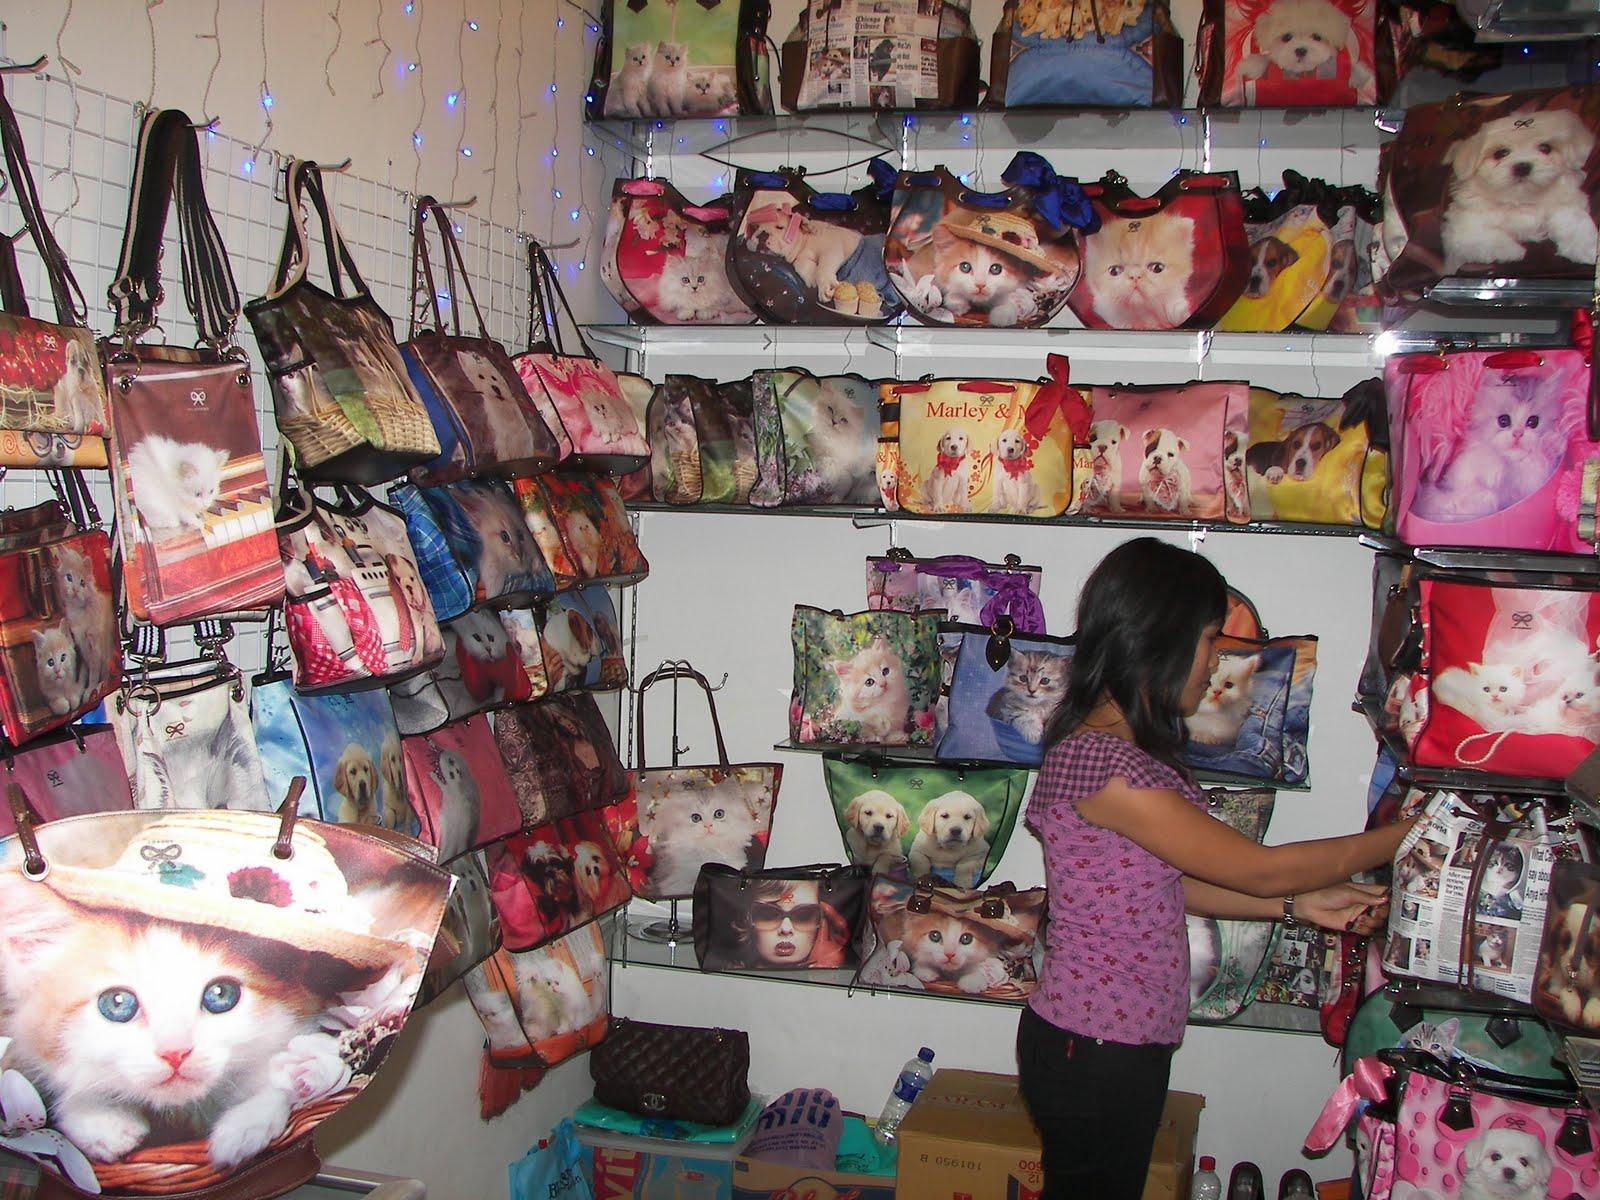 Pusat Grosir Cimahi Toko Grosir Tas Bandung 50rb Tempat Belanja Cewek